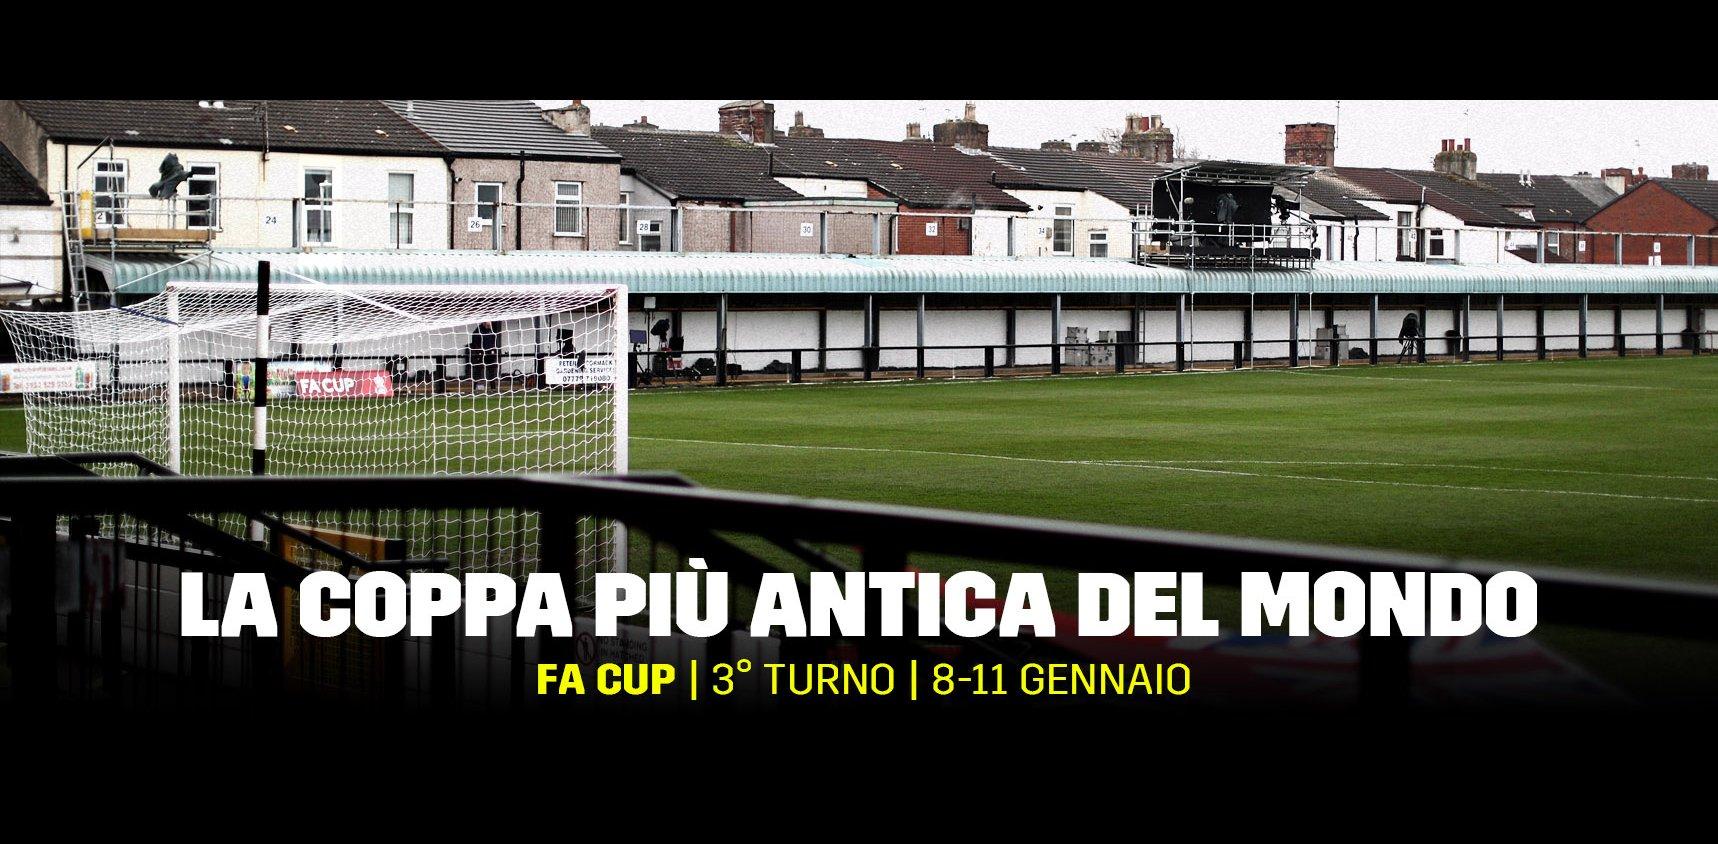 Calcio Estero DAZN, nel weekend Liga, FA Cup, Ligue 1 (8 - 11 Gennaio)